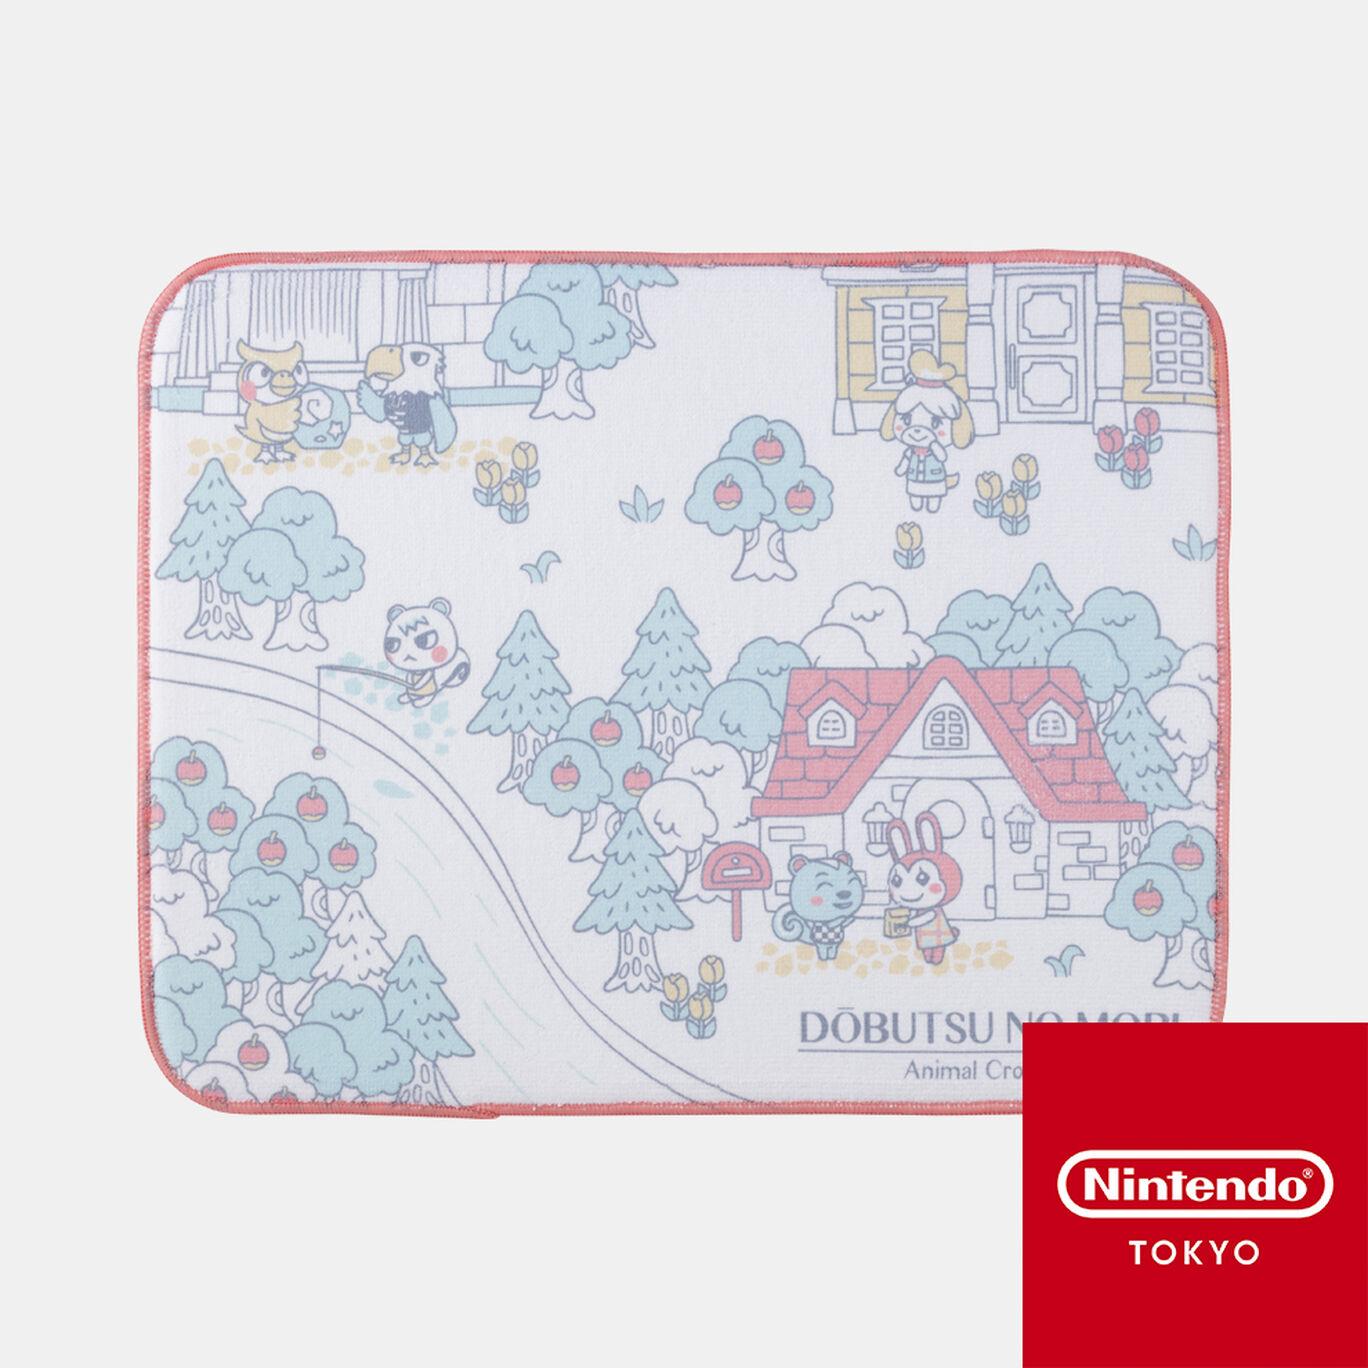 吸水マット どうぶつの森 A【Nintendo TOKYO取り扱い商品】